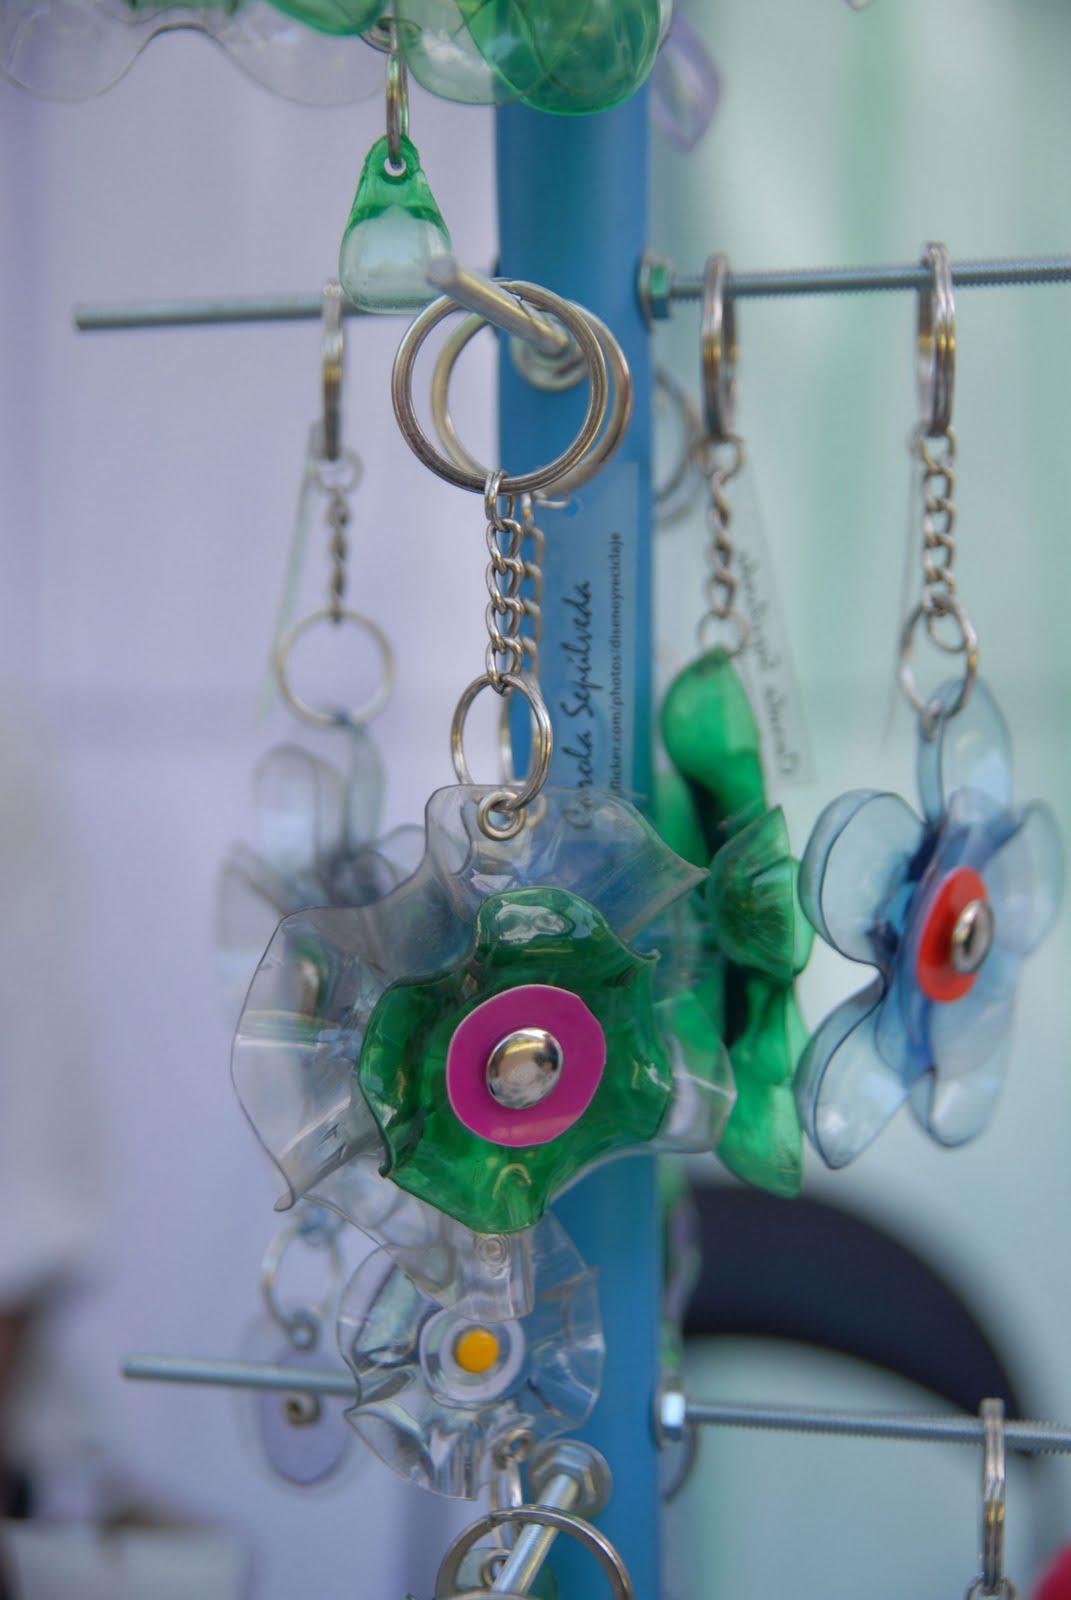 Cosas de reciclaje imagui - Cosas de reciclaje ...